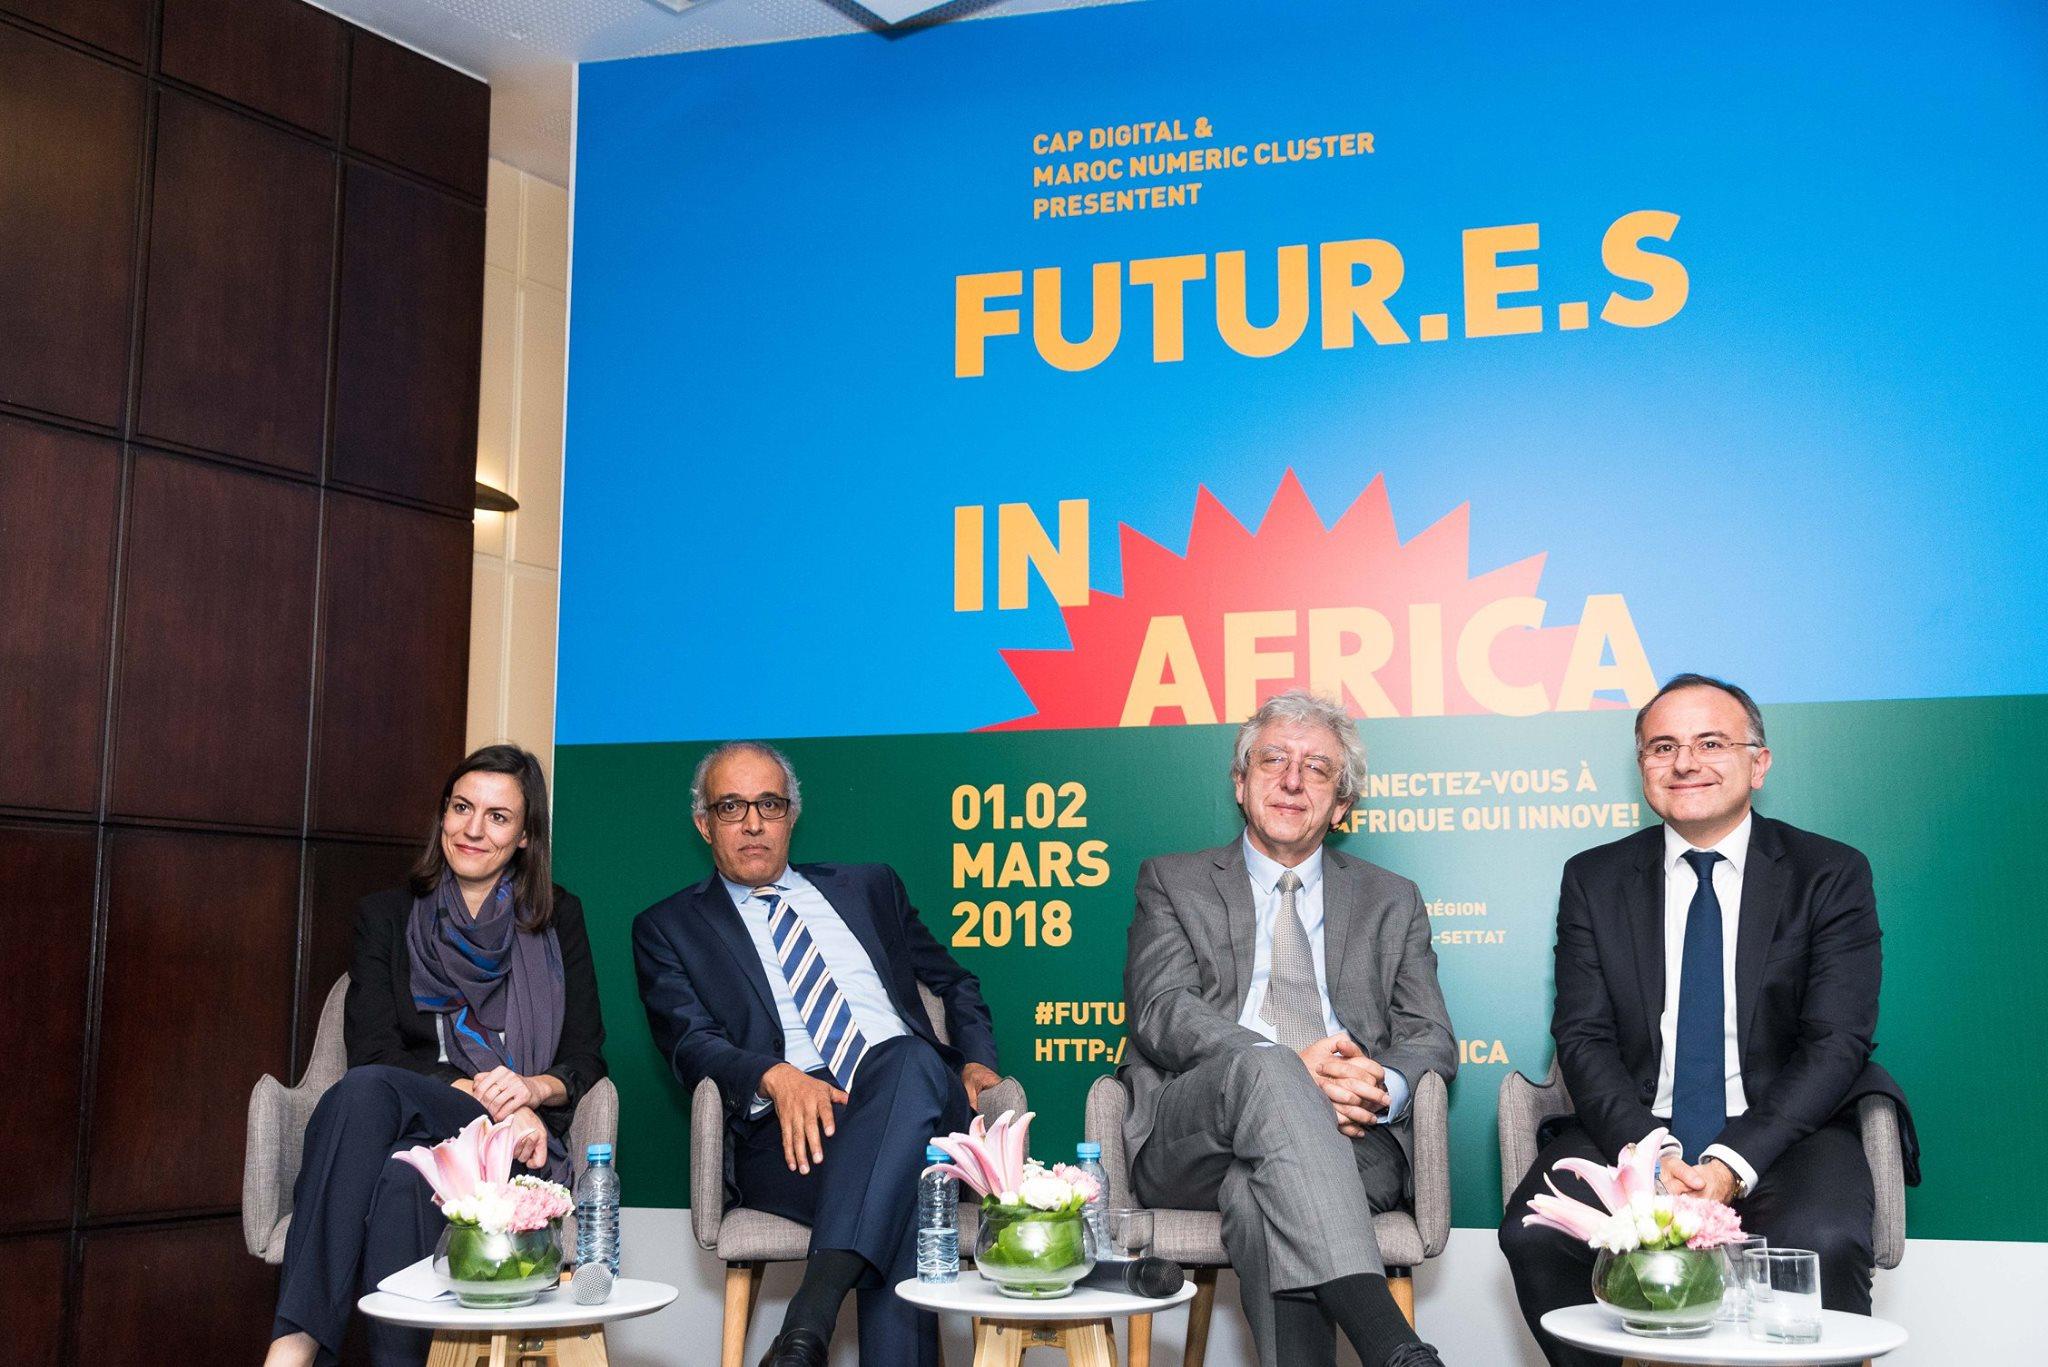 FUTUR.E.S in Africa, nouveau rendez-vous dédié au futur de l'innovation digitale en Afrique